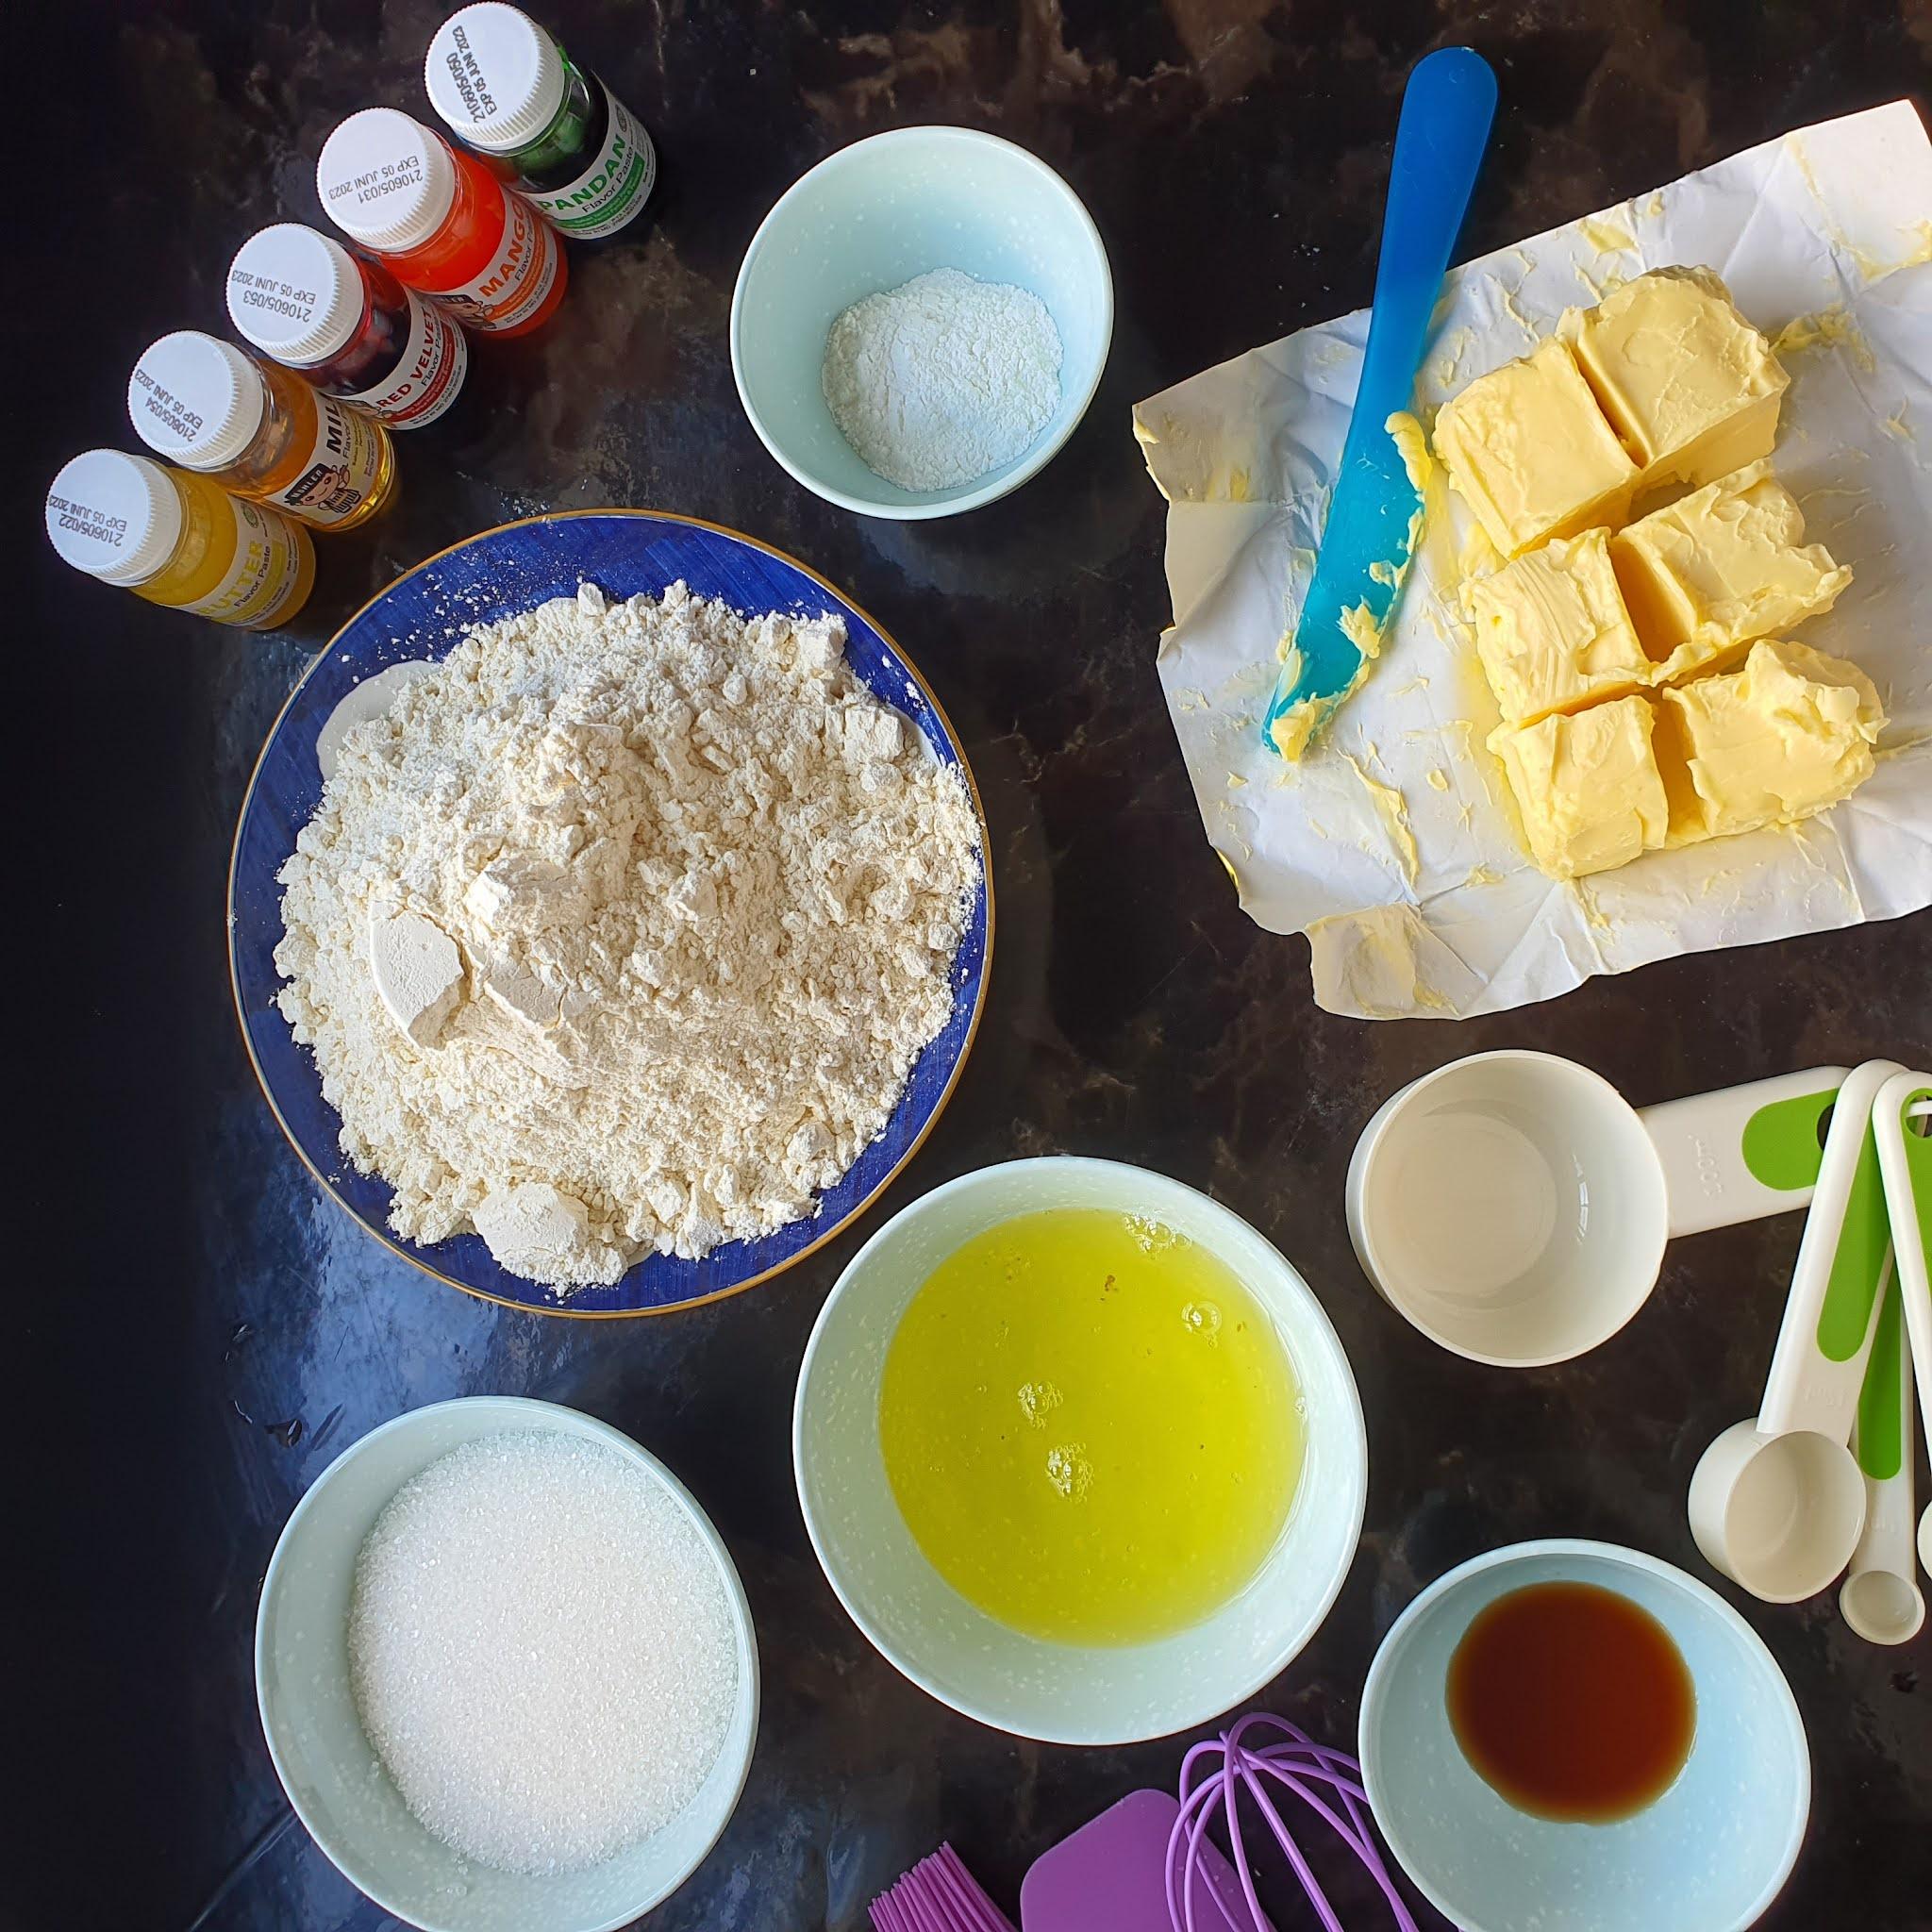 rainbow cake recipe 3 layers, rainbow swirl cake recipe, easy rainbow cake recipe, rainbow cake recipe, 3 layer rainbow cake, 5 layer rainbow cake,